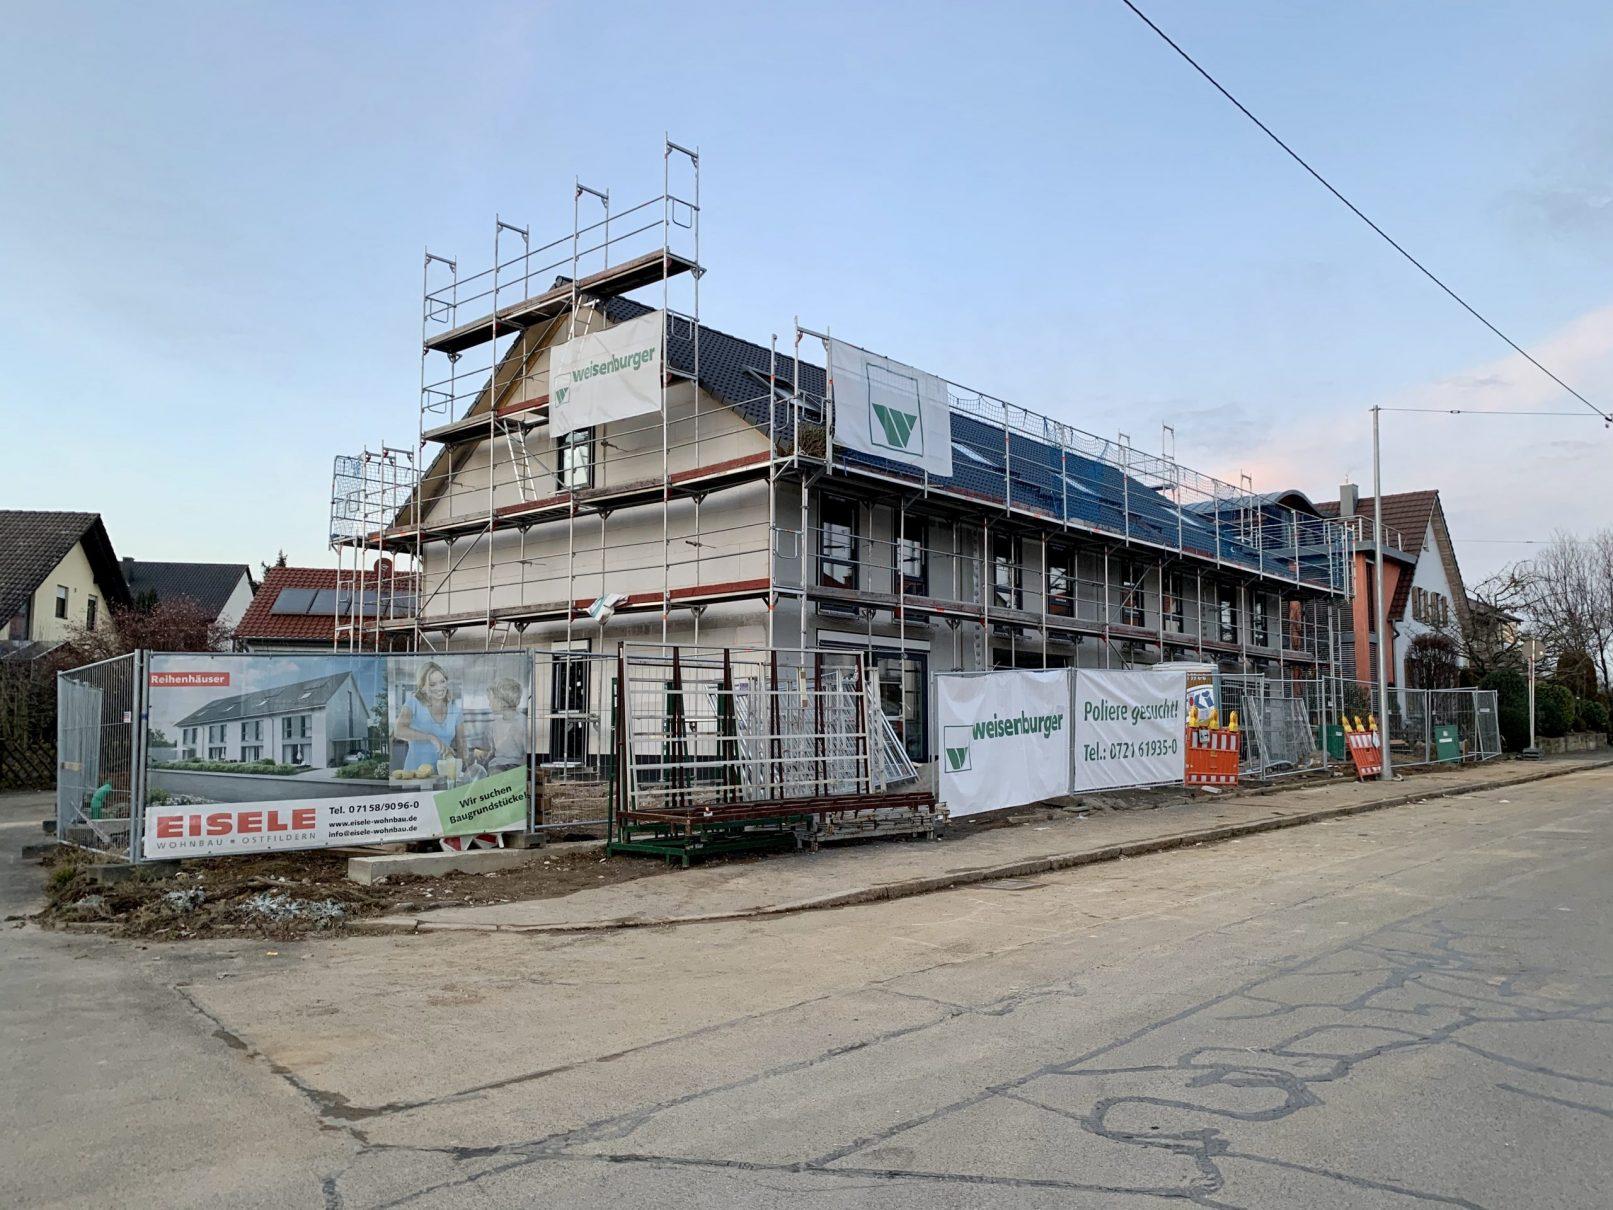 24.01.2020 - Die Fenster wurden eingebaut und die Innenausbauarbeiten haben begonnen.